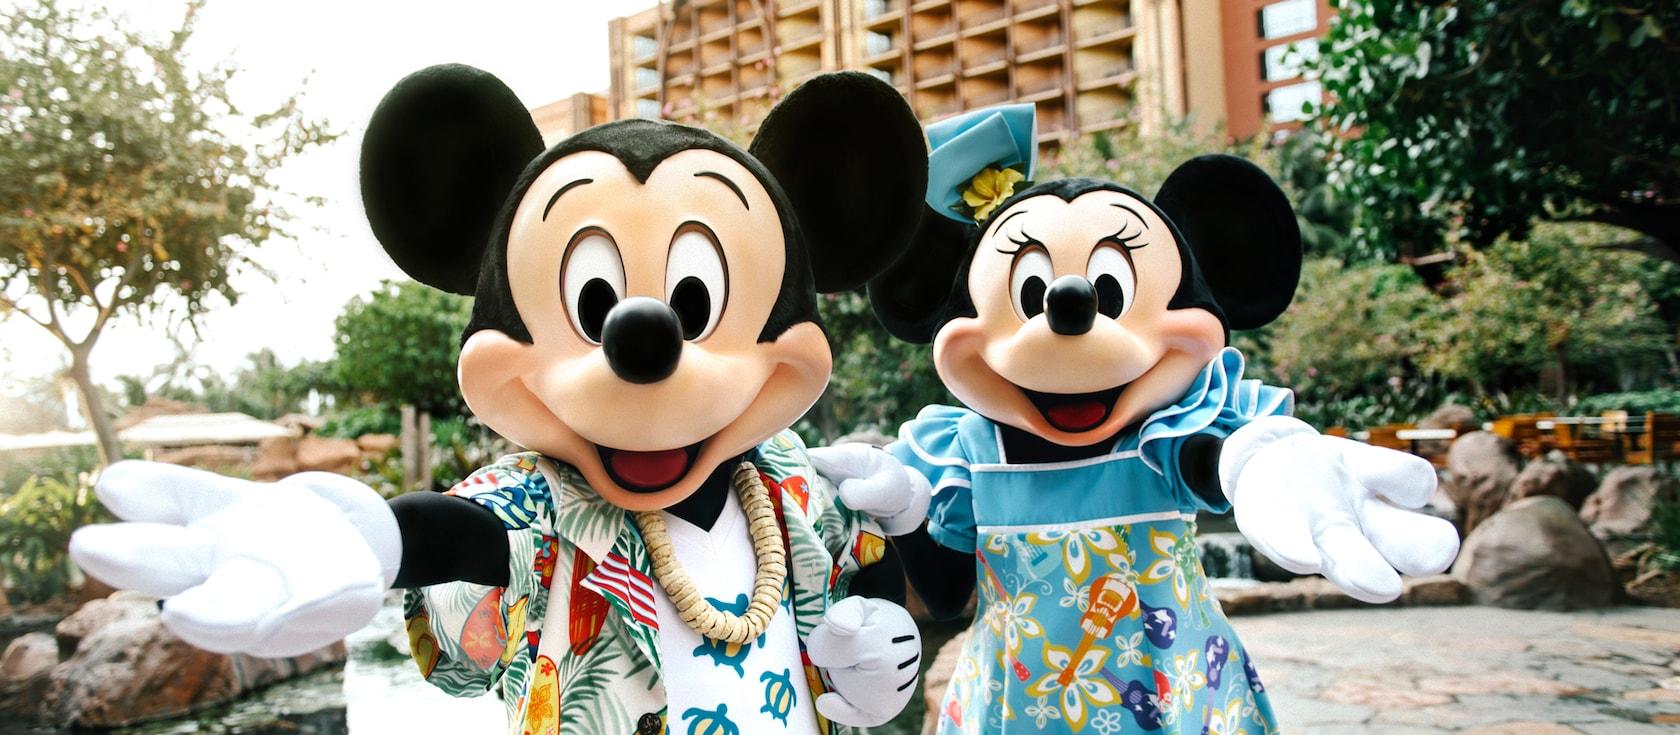 ハワイアンスタイルの衣装を着て、手を差し出してゲストを迎えるミッキーとミニー